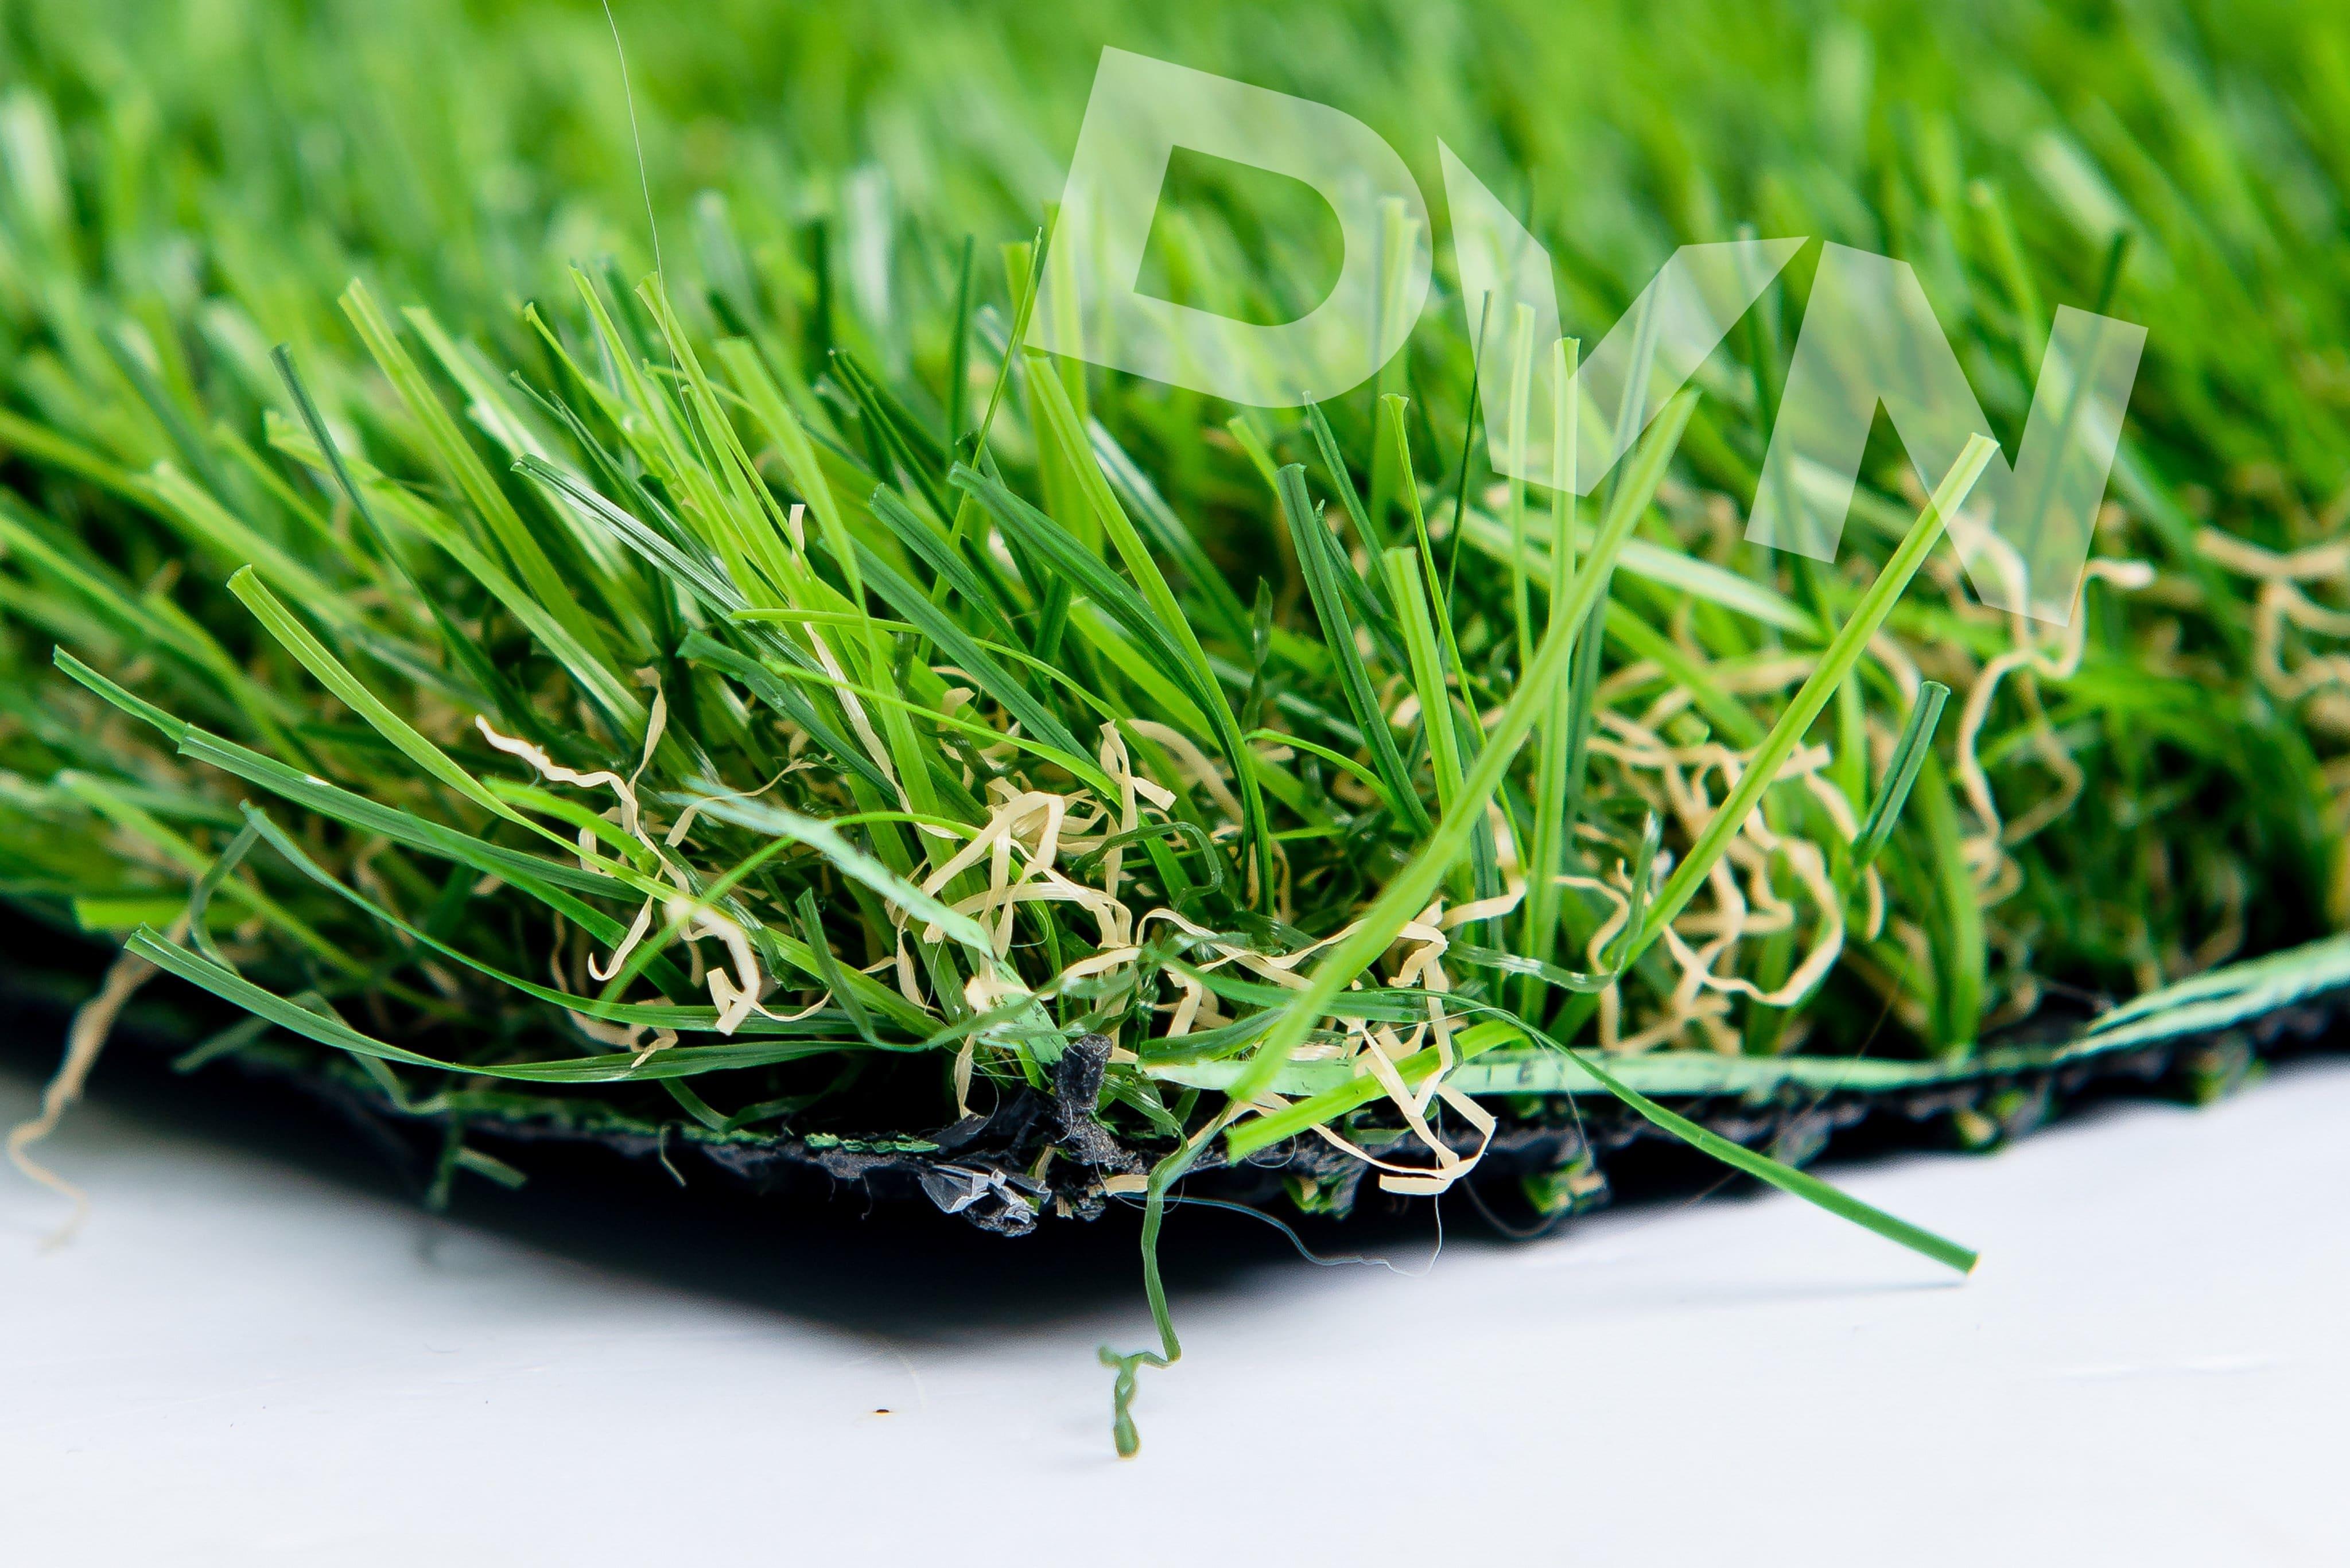 Một số loại cỏ nhân tạo sân vườn chất lượng 2